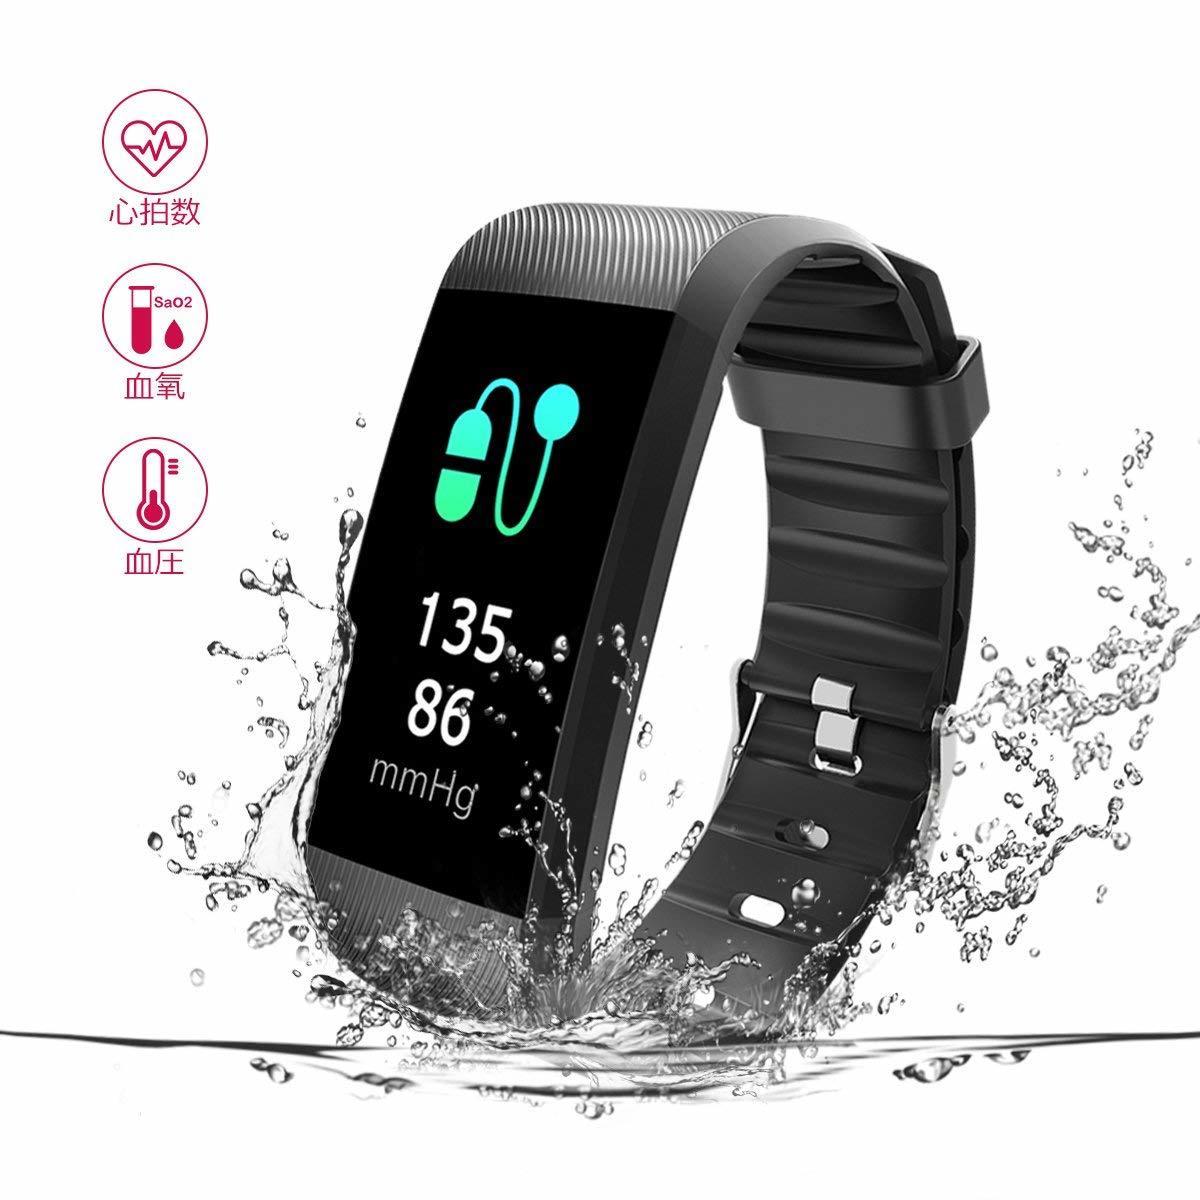 ba9244fd0e 新品○スマートウォッチ 心拍計 スマート ブレスレット 血圧測定 歩数計 腕時計 活動量計